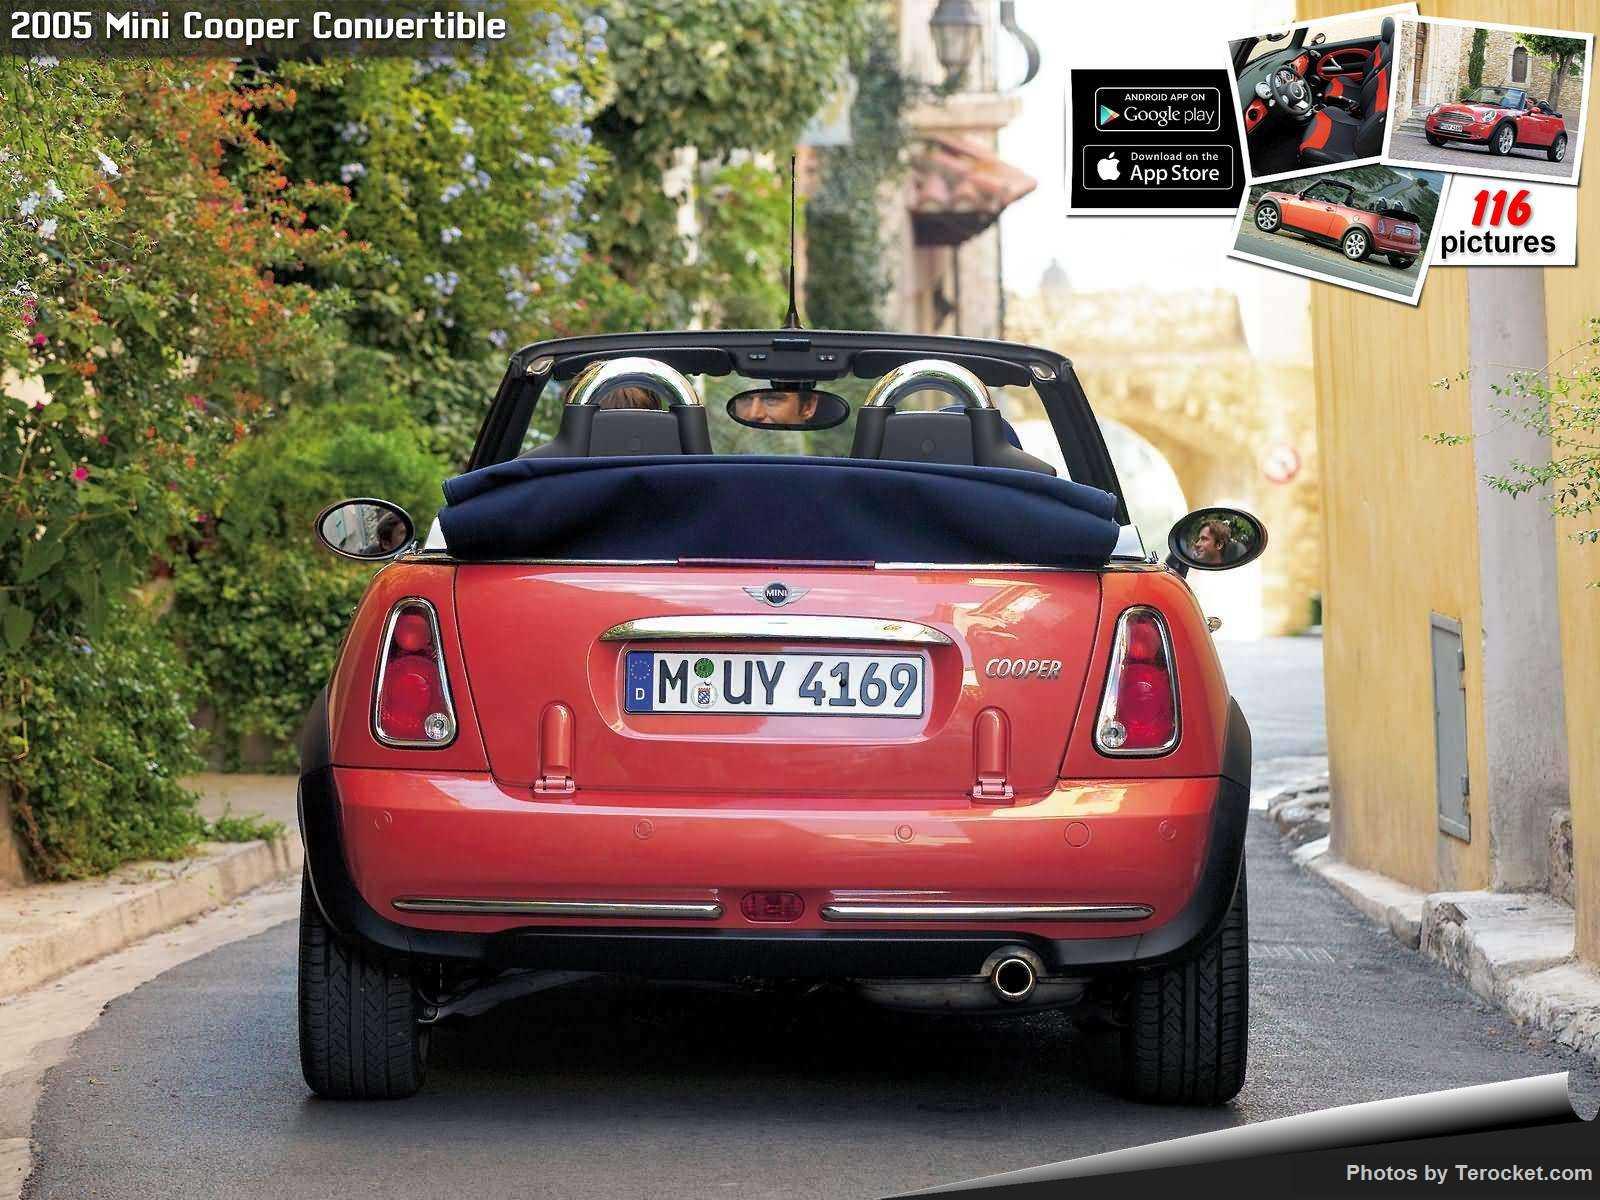 Hình ảnh xe ô tô Mini Cooper Convertible 2005 & nội ngoại thất